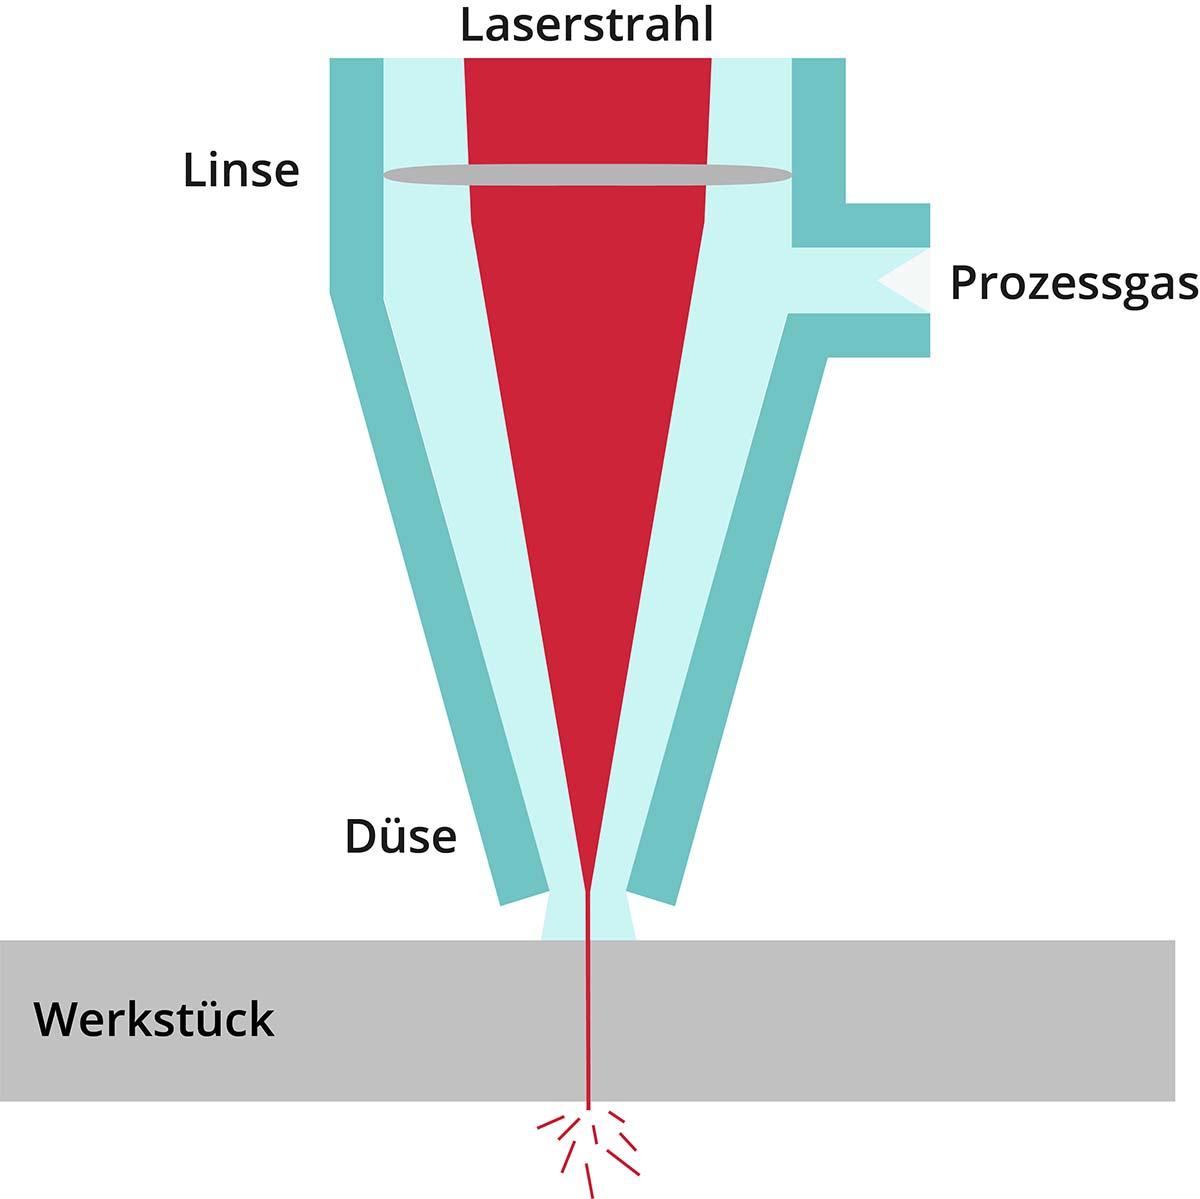 Blech lasern in einer schematischen Grafik. Ein Laserstrahl wird durch eine Düse geführt durch die Prozessgas strömt. Unten ist ein Werkstoff abgebildet, der geschnitten wird.